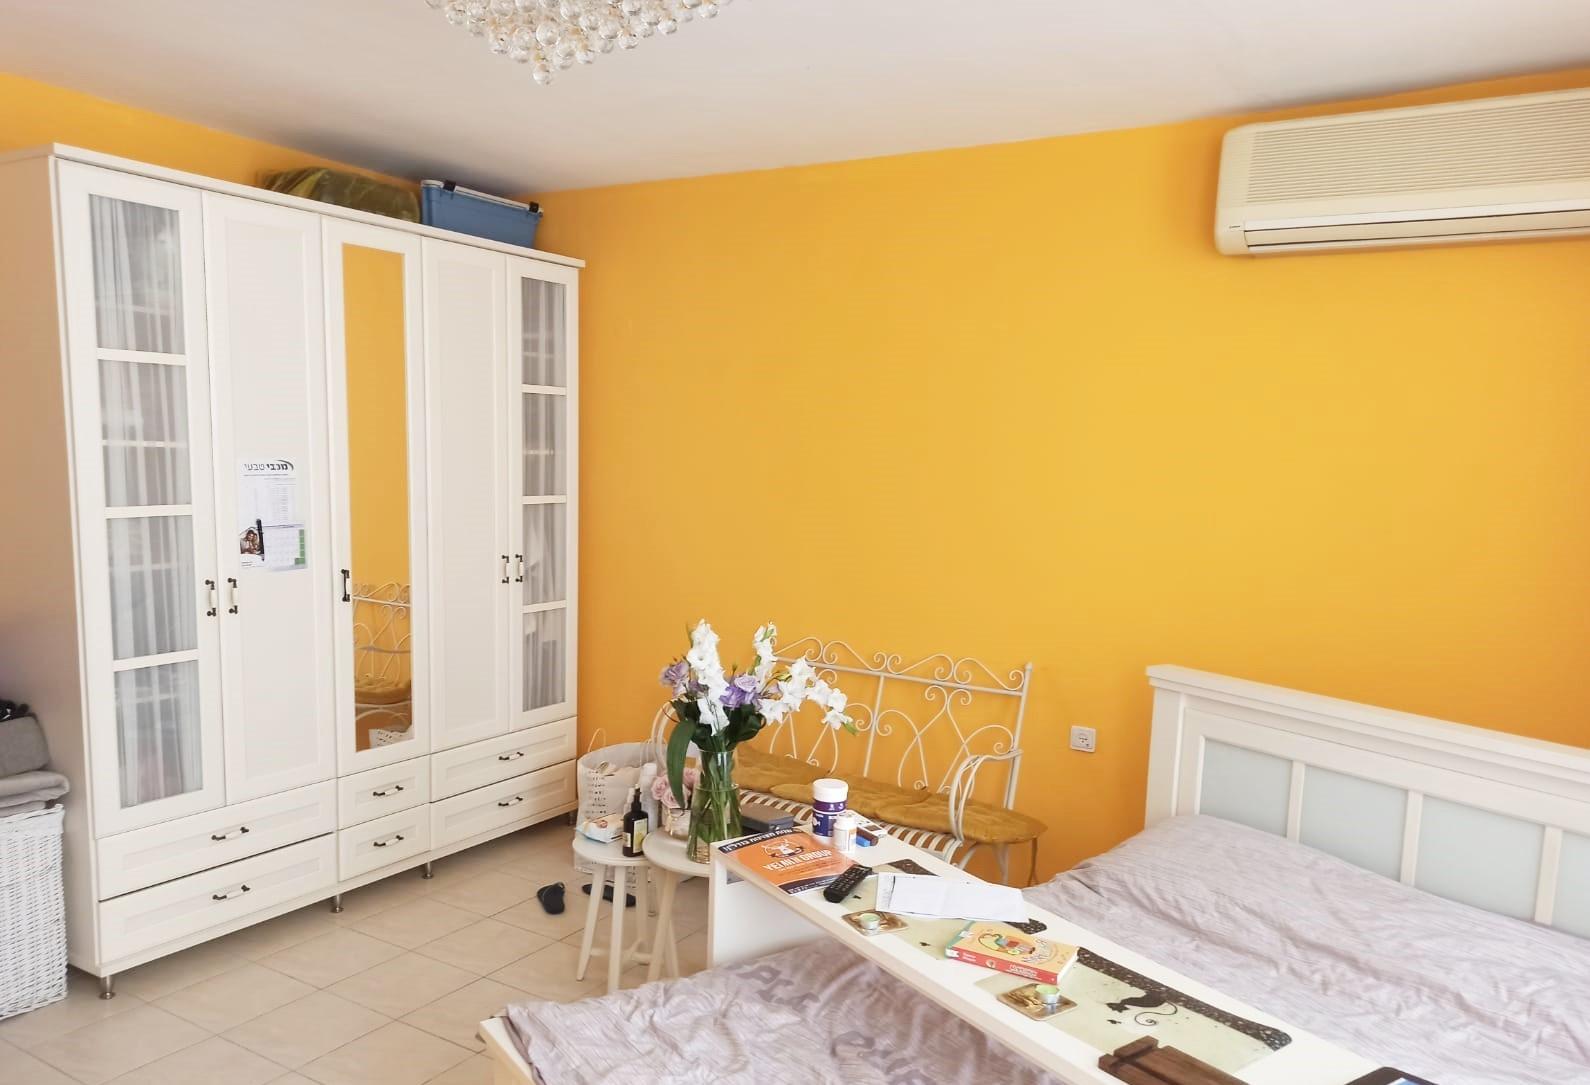 חולון דירה למכירה 2 חדרים 1,300,000₪, חולון